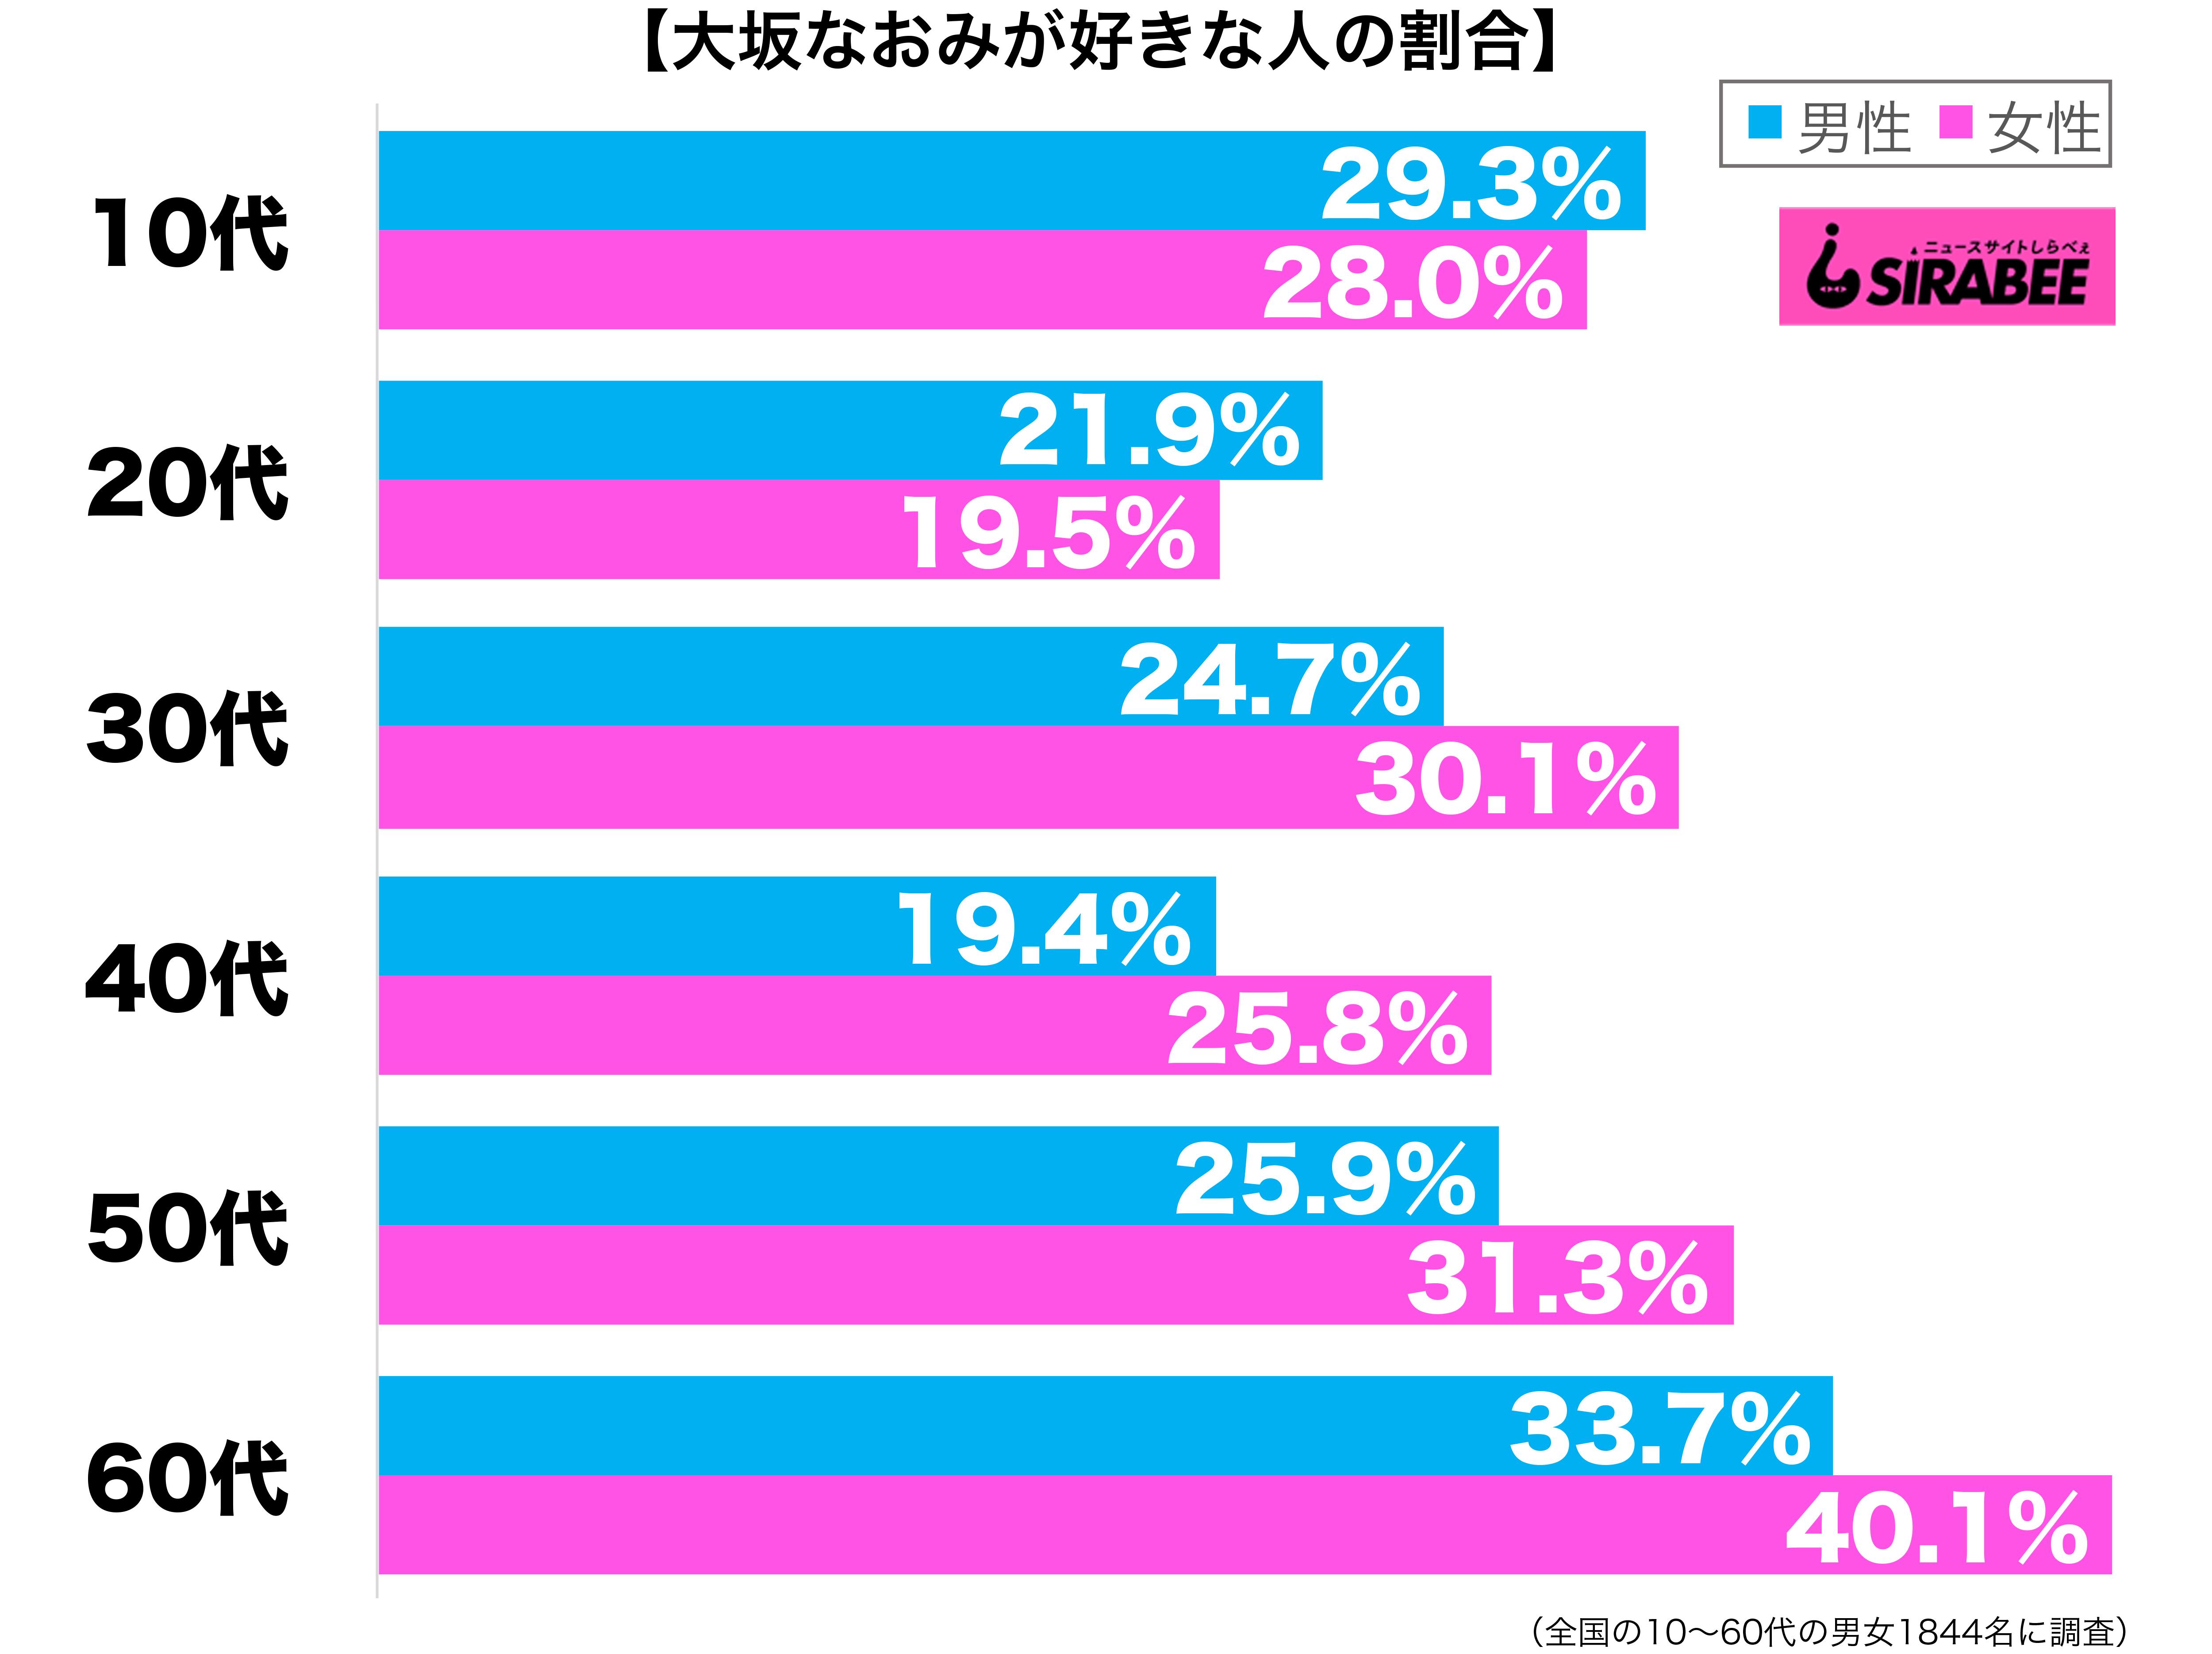 大坂なおみが好き性年代別グラフ